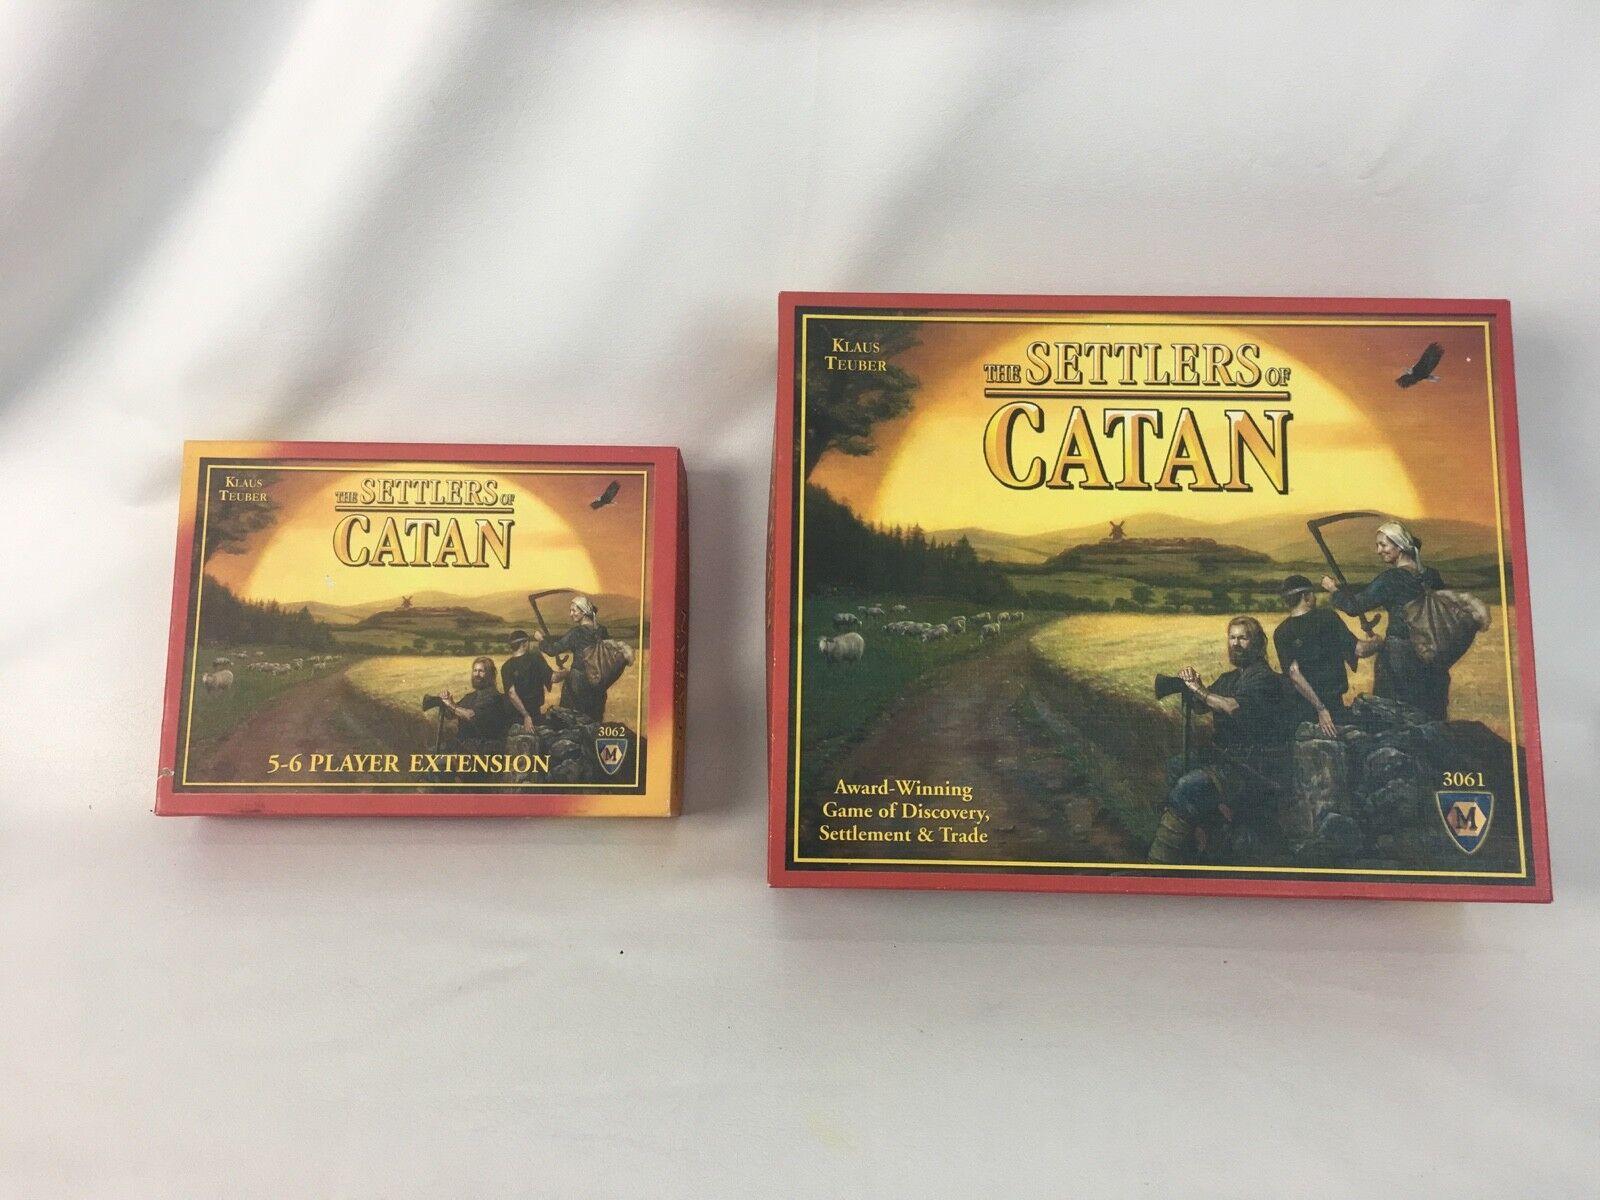 Die siedler von catan   3061 brettspiel w   erweiterung   3062